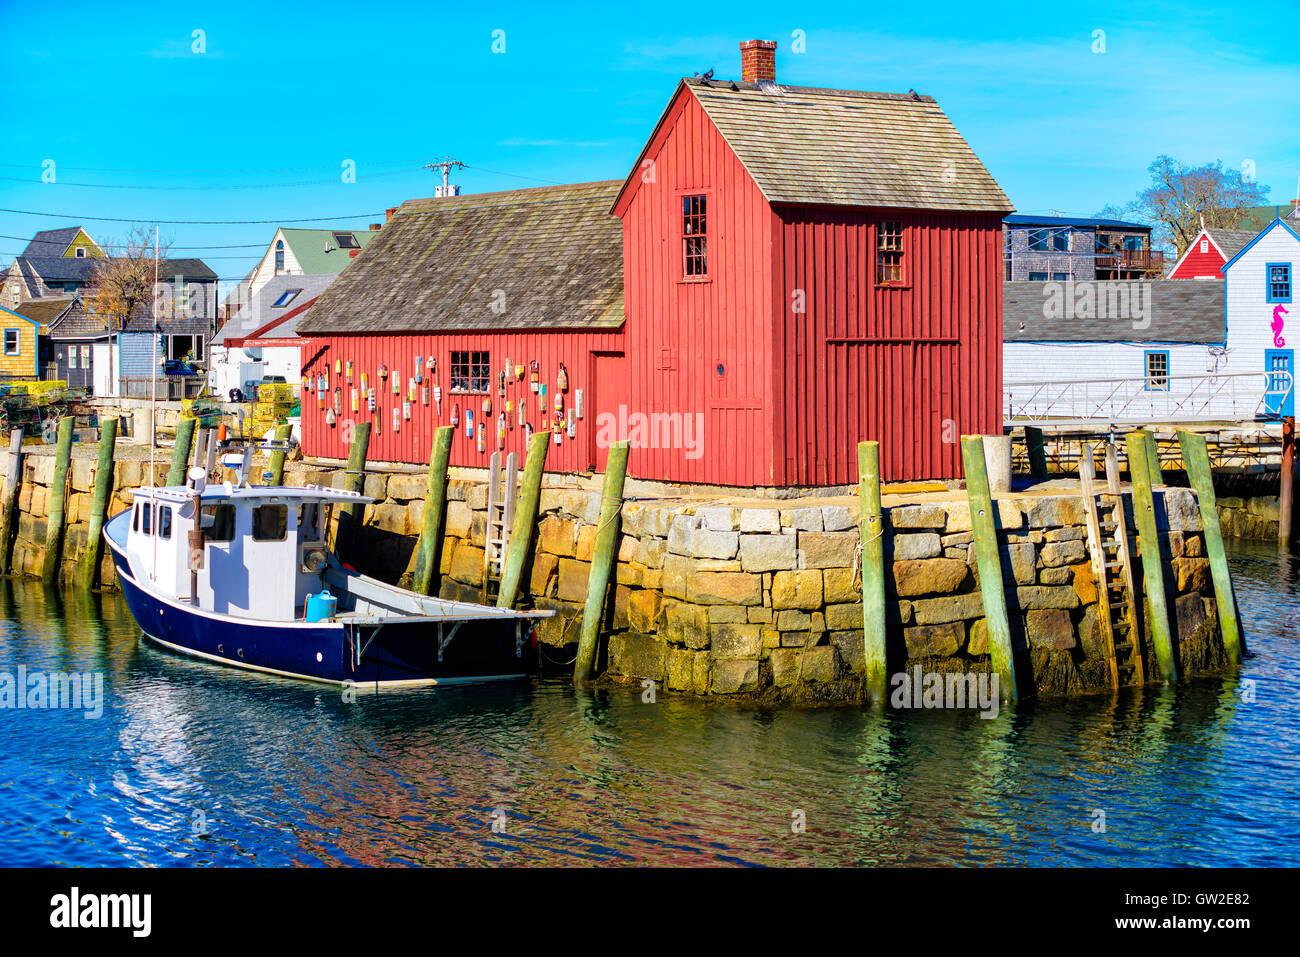 Motivo número 1, pesca cabaña ubicada en Rockport Massachusetts Imagen De Stock